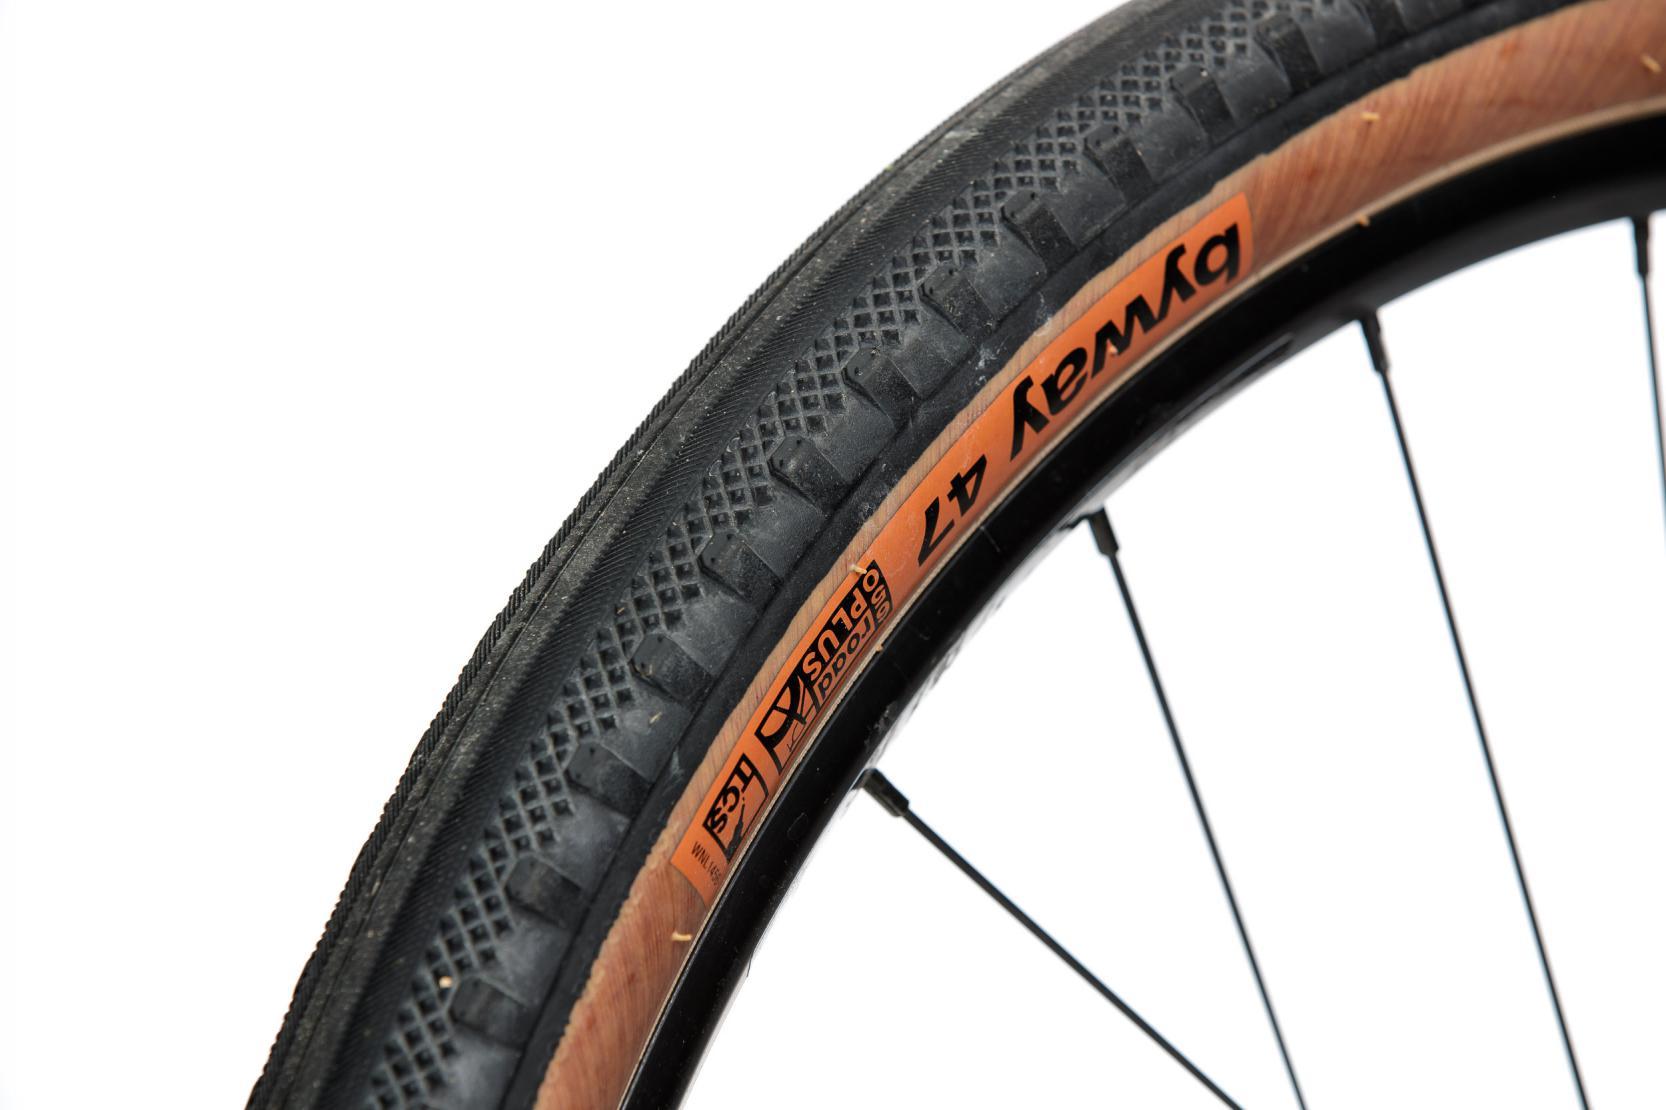 #6 Die Reifen überraschten mit ihrem niedrigen RoWi, kamen auf rutschigen Böden aber schnell an ihre Grenzen.